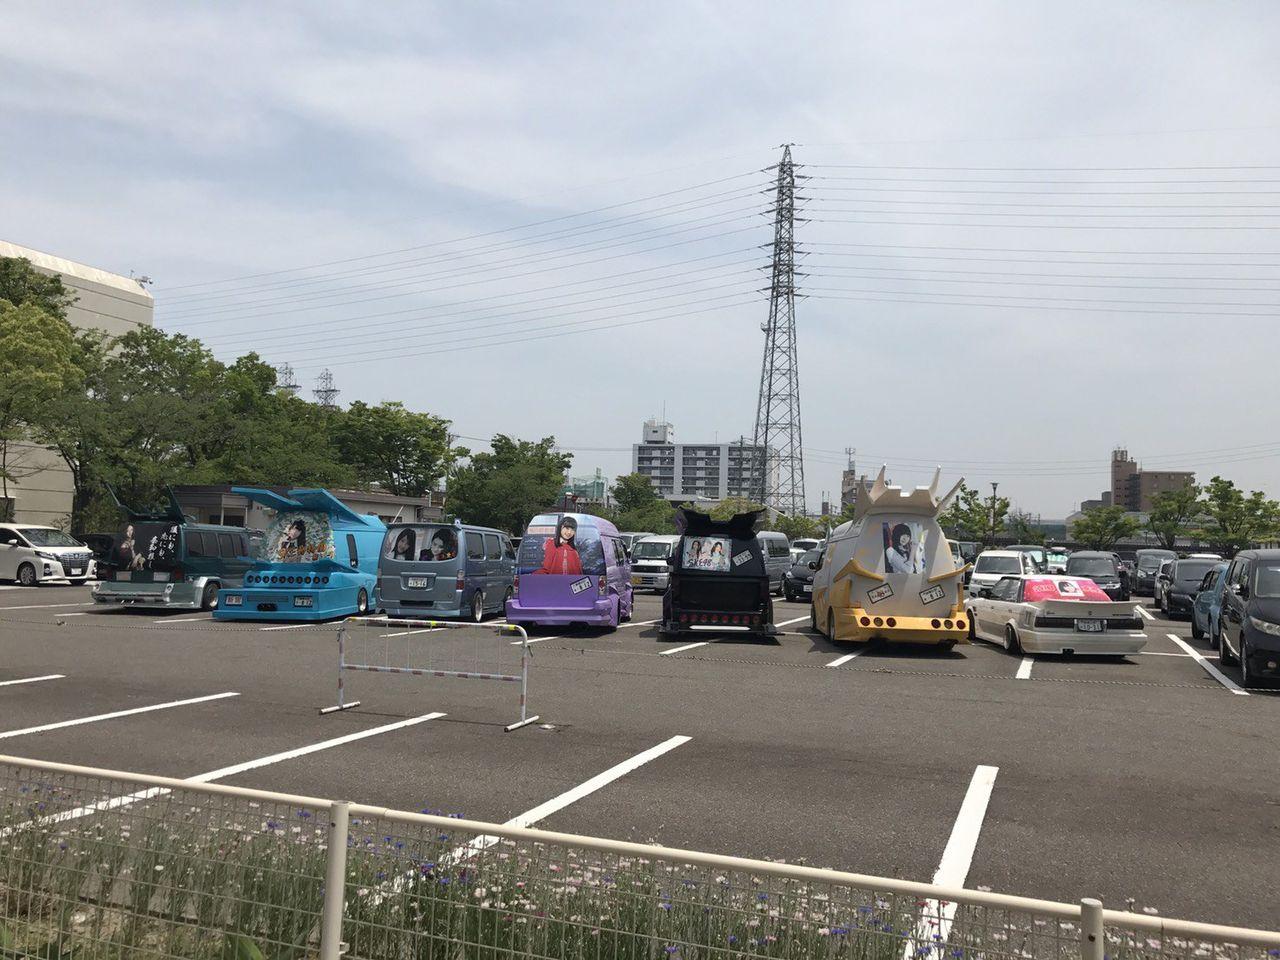 【エンタメ画像】【画像】 SKE48オタク ライブ会場の迷惑駐車が酷すぎると批判殺到♪♪♪♪♪♪♪♪♪♪♪♪♪